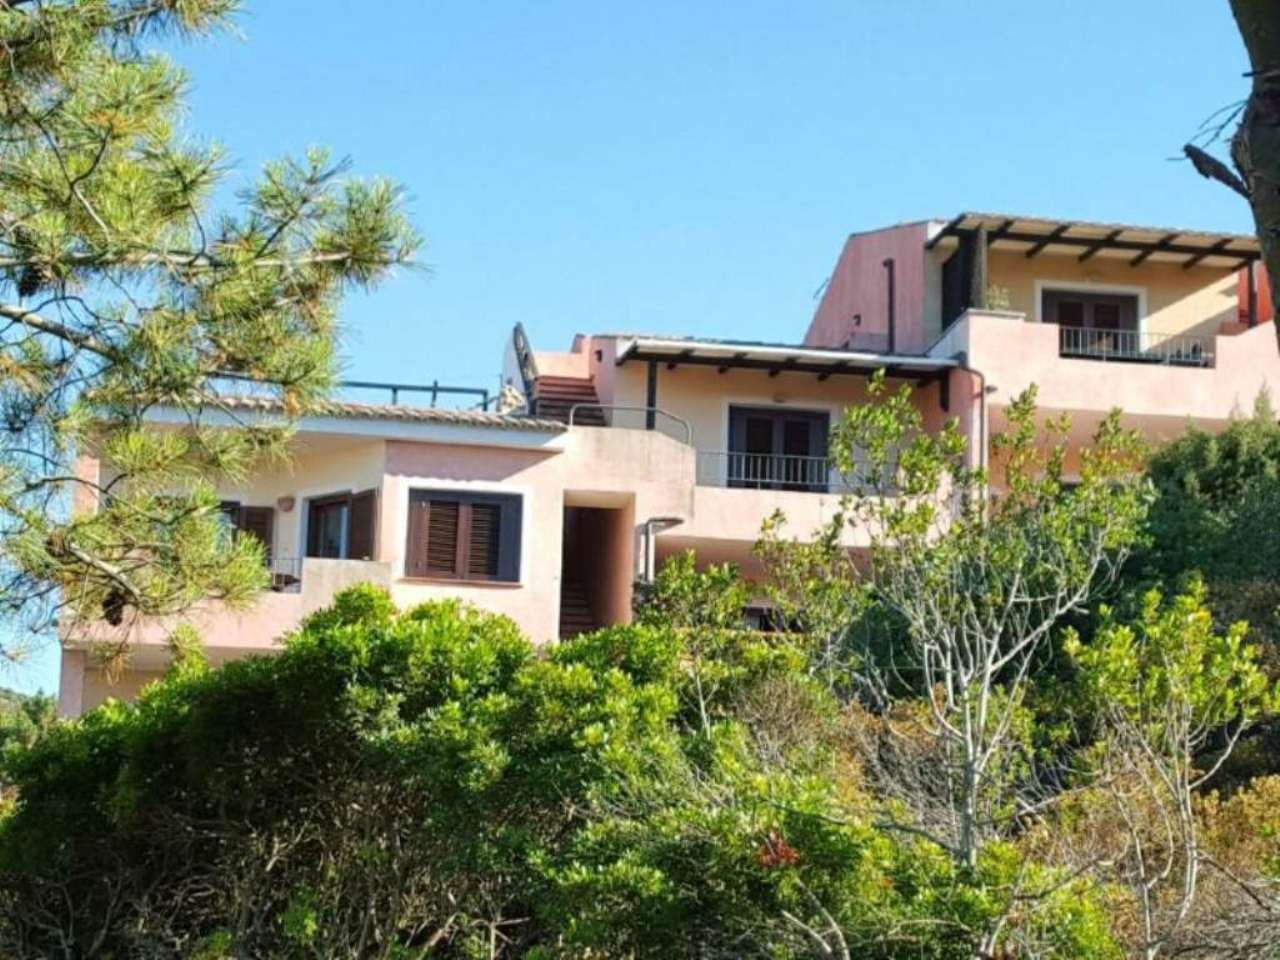 Appartamento in vendita a Tempio Pausania, 4 locali, prezzo € 210.000   Cambio Casa.it